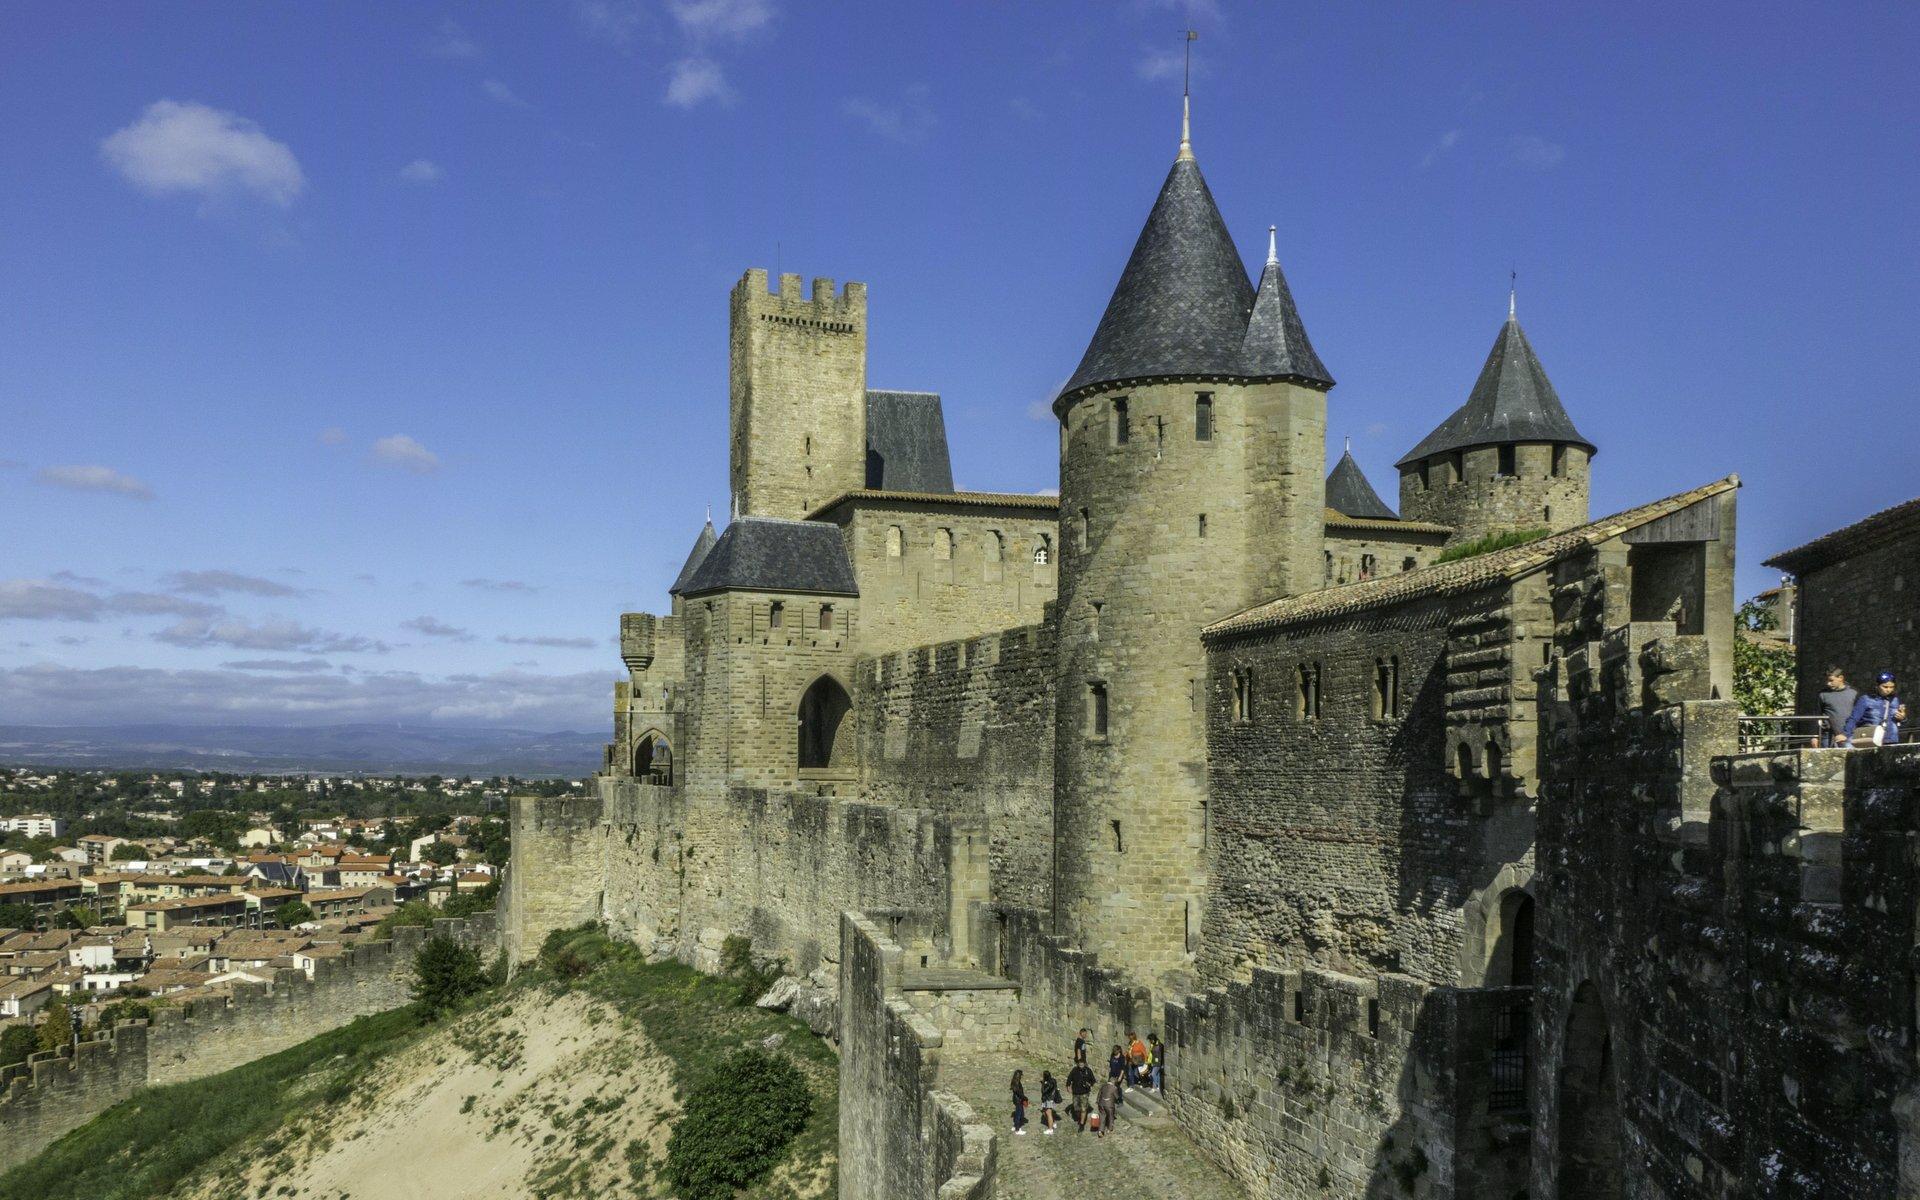 Château Comtal und Porte d'Aude in der Cité Carcassonne